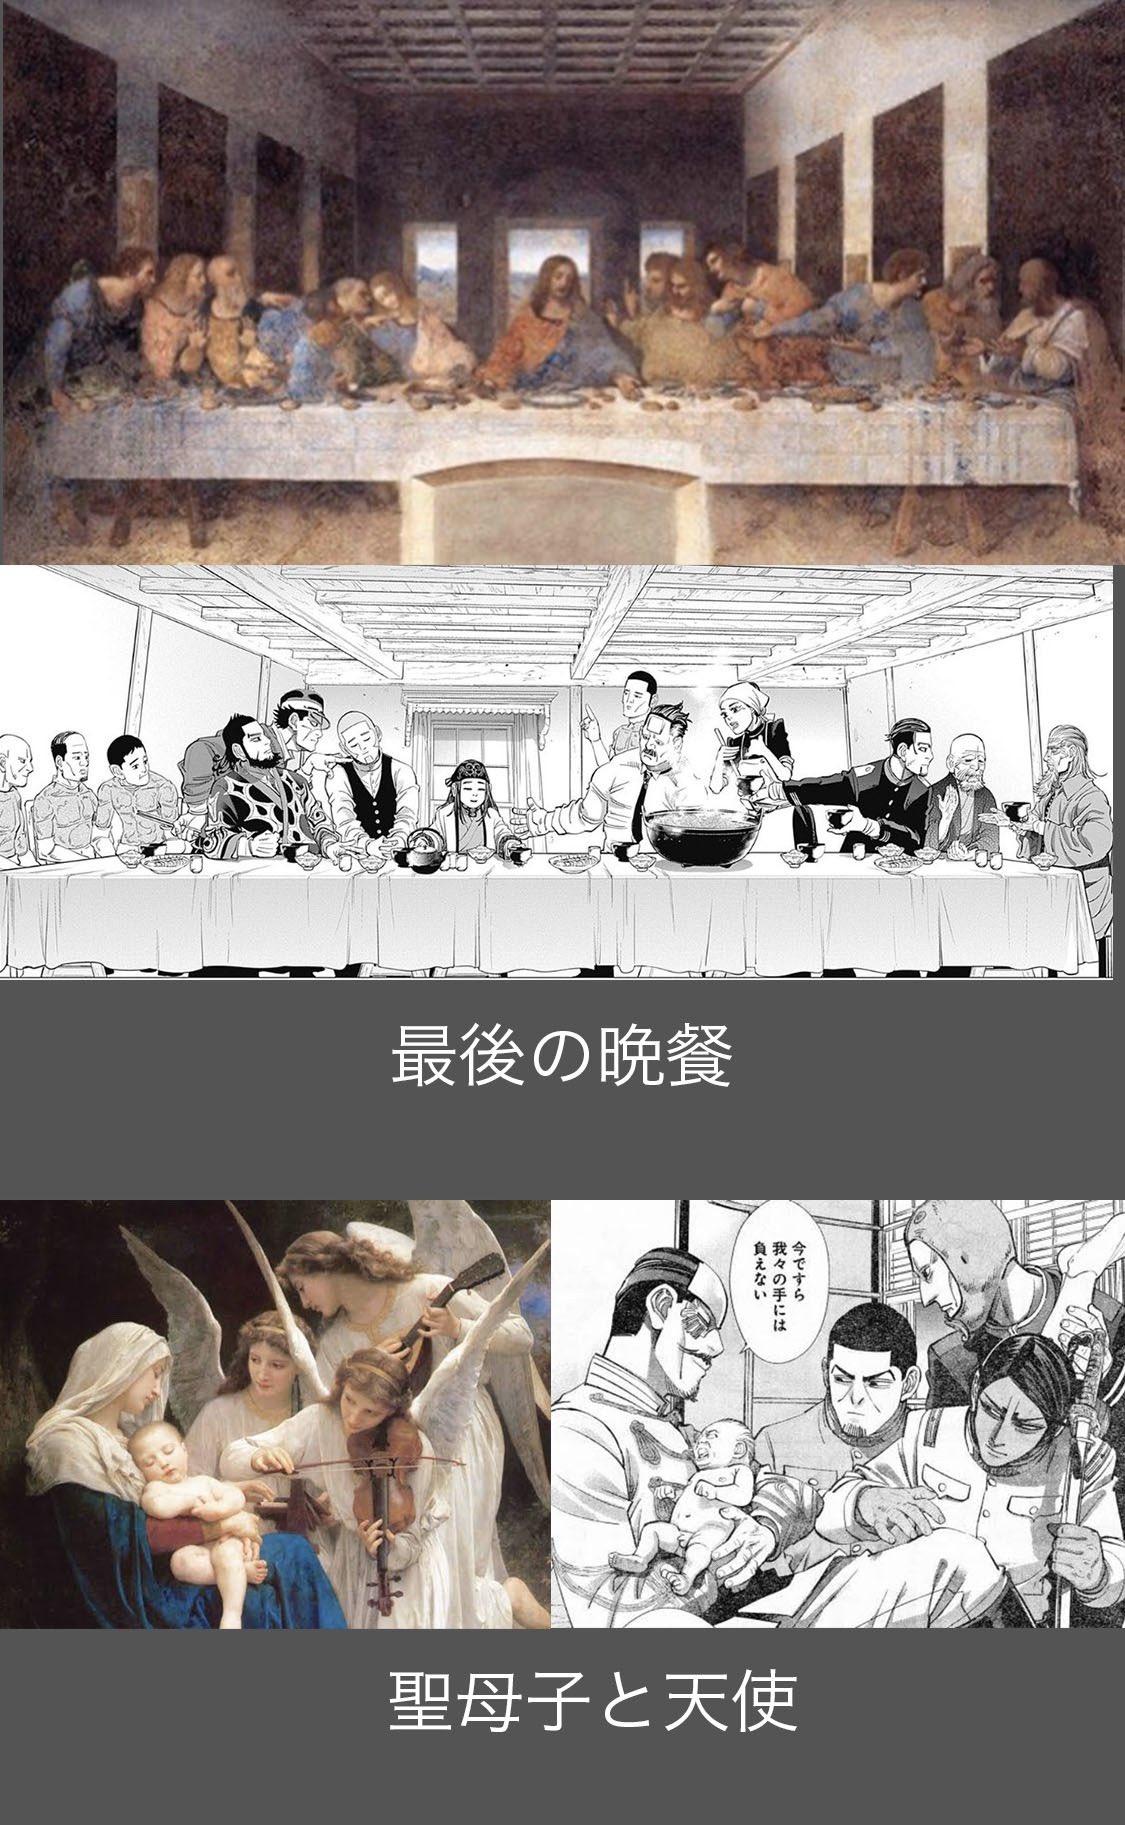 これやりすぎコージで見たけど 最後の晩餐 キリストを裏切った ユダの所にキロランケがいるの すごいとおもう!!!